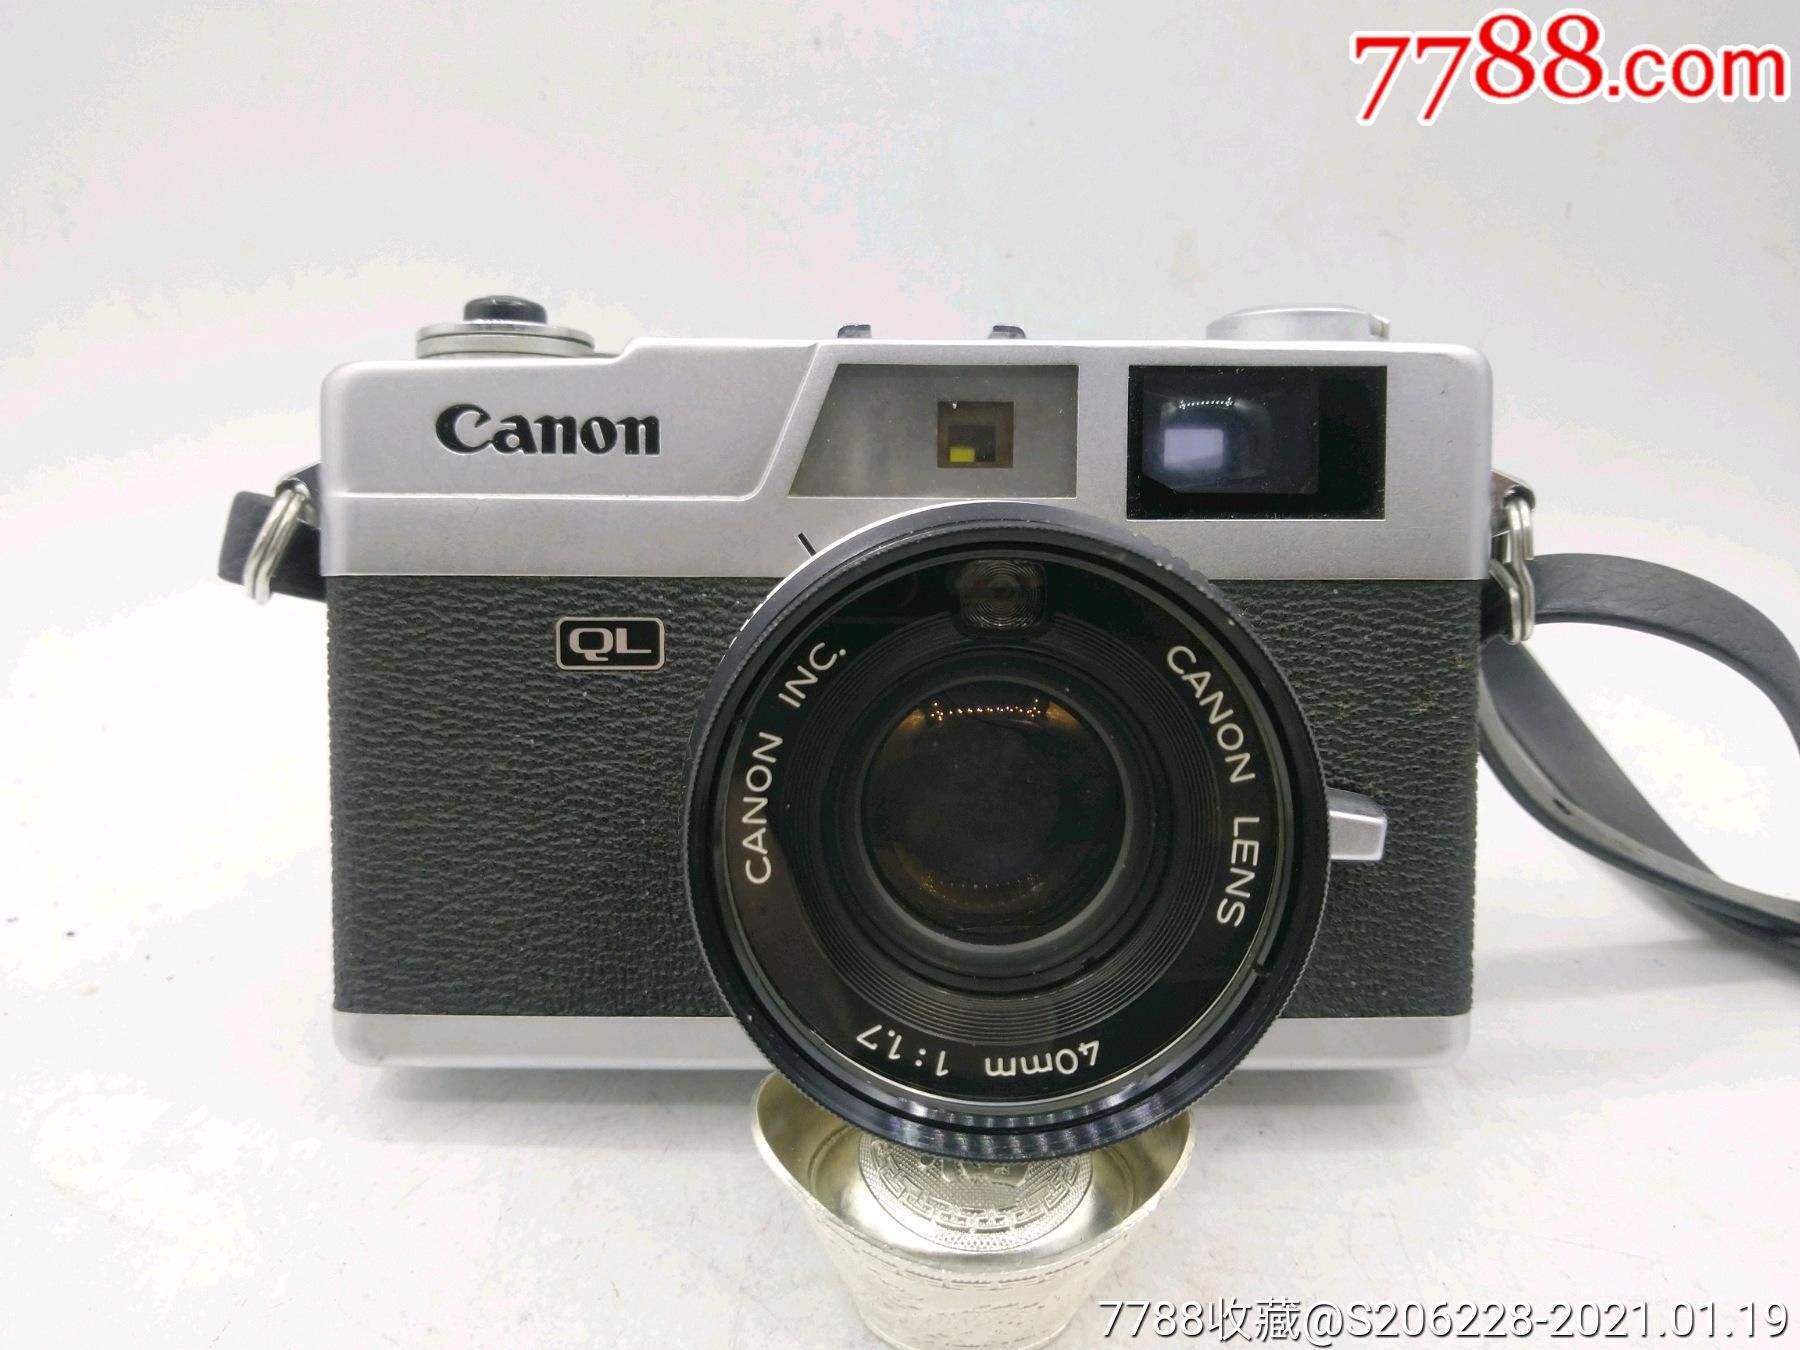 229★Canon_Canonet-QL17旁軸相機/機身編號:643049_價格260元_第1張_